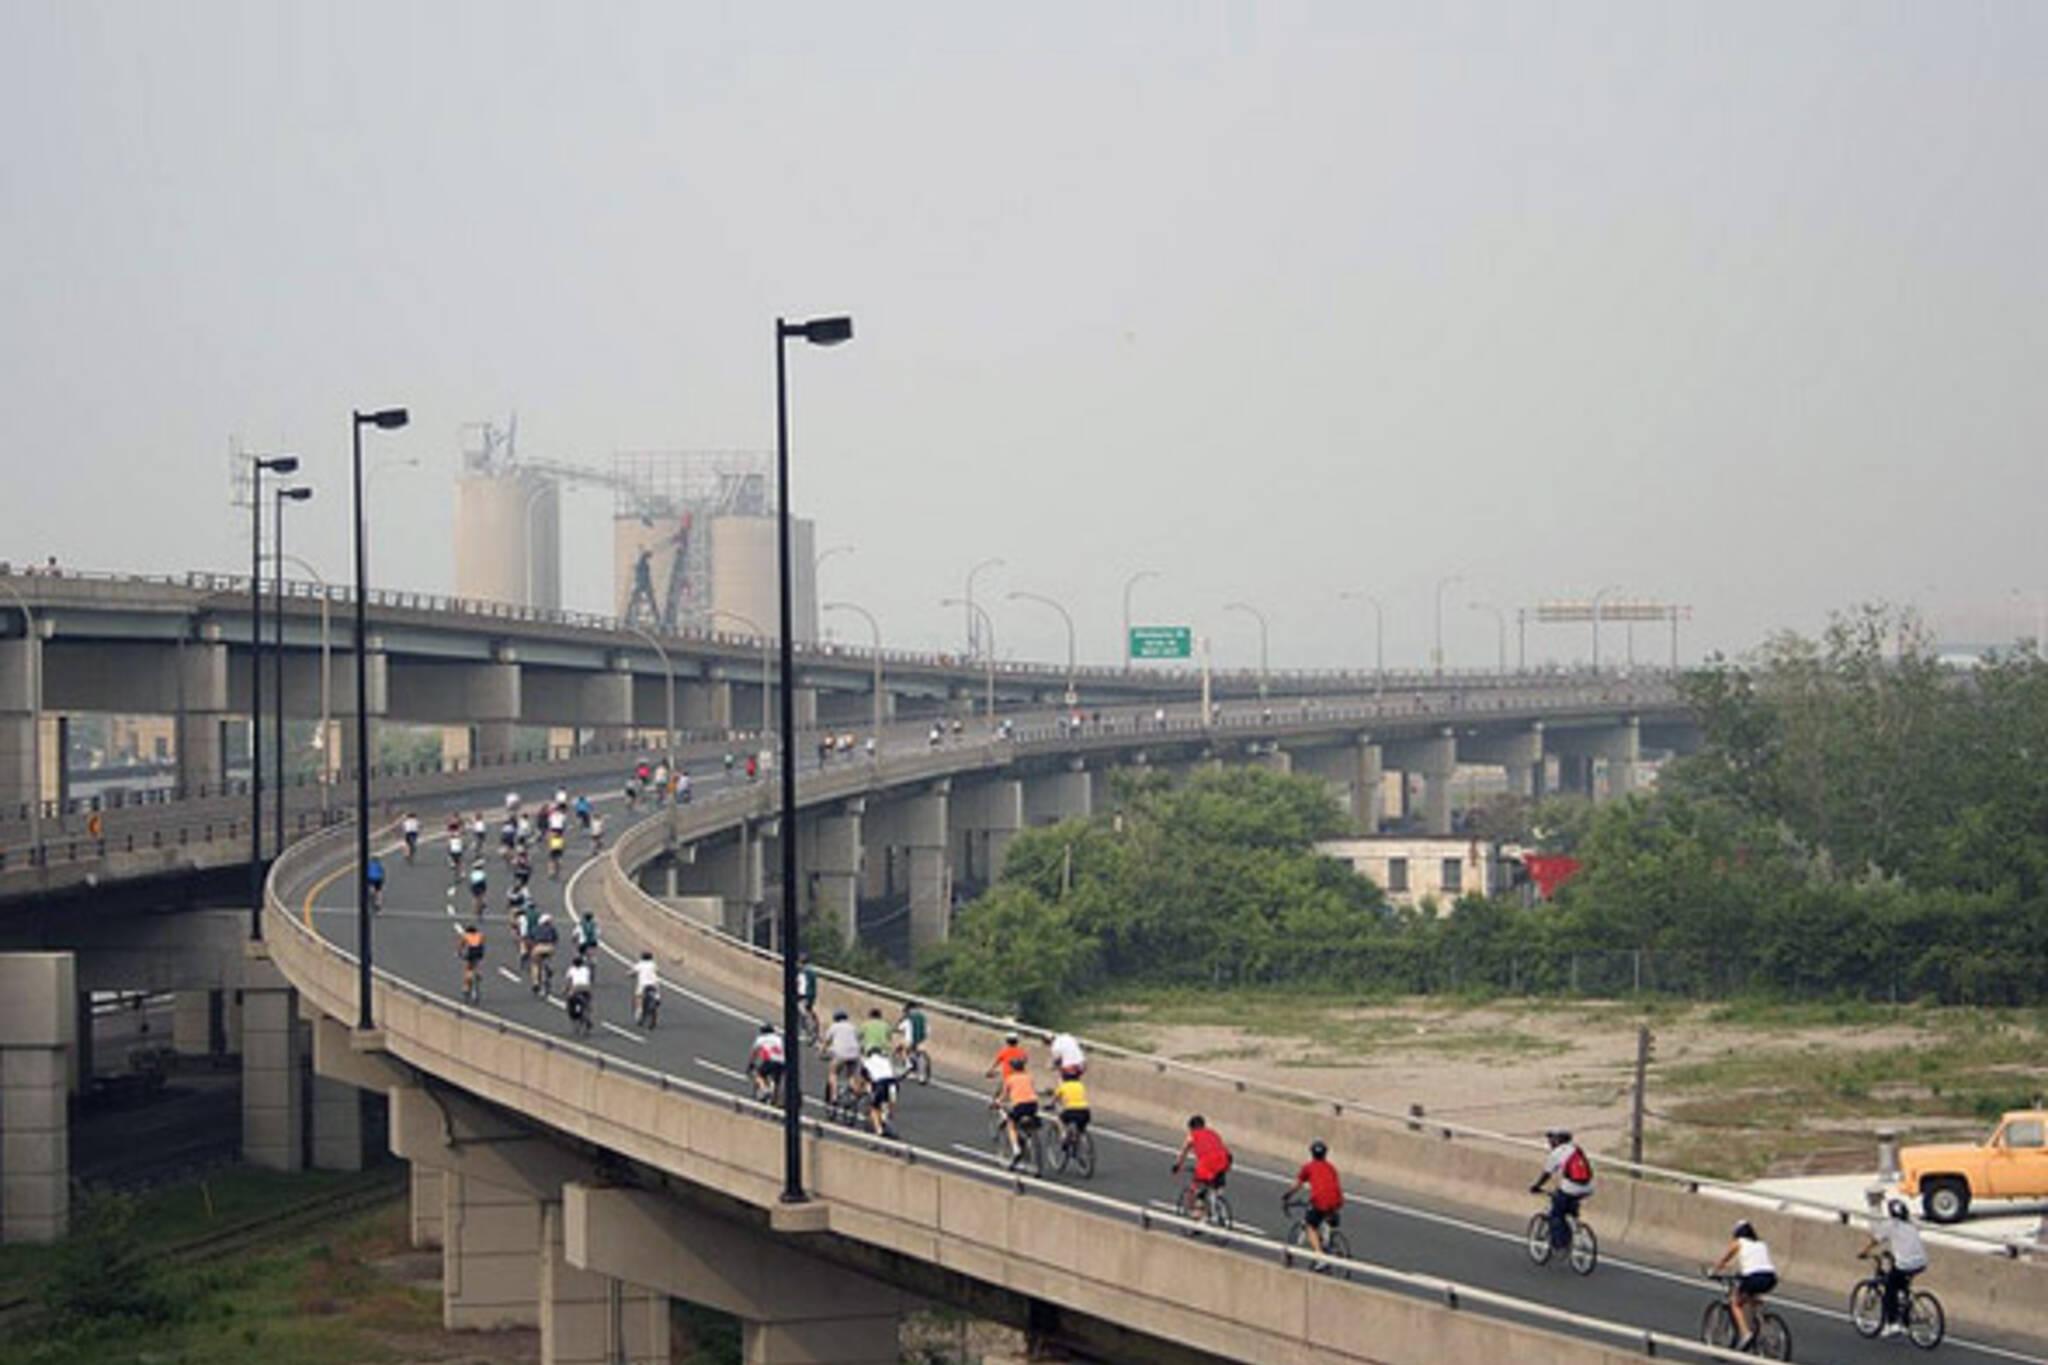 Cycling Events Toronto